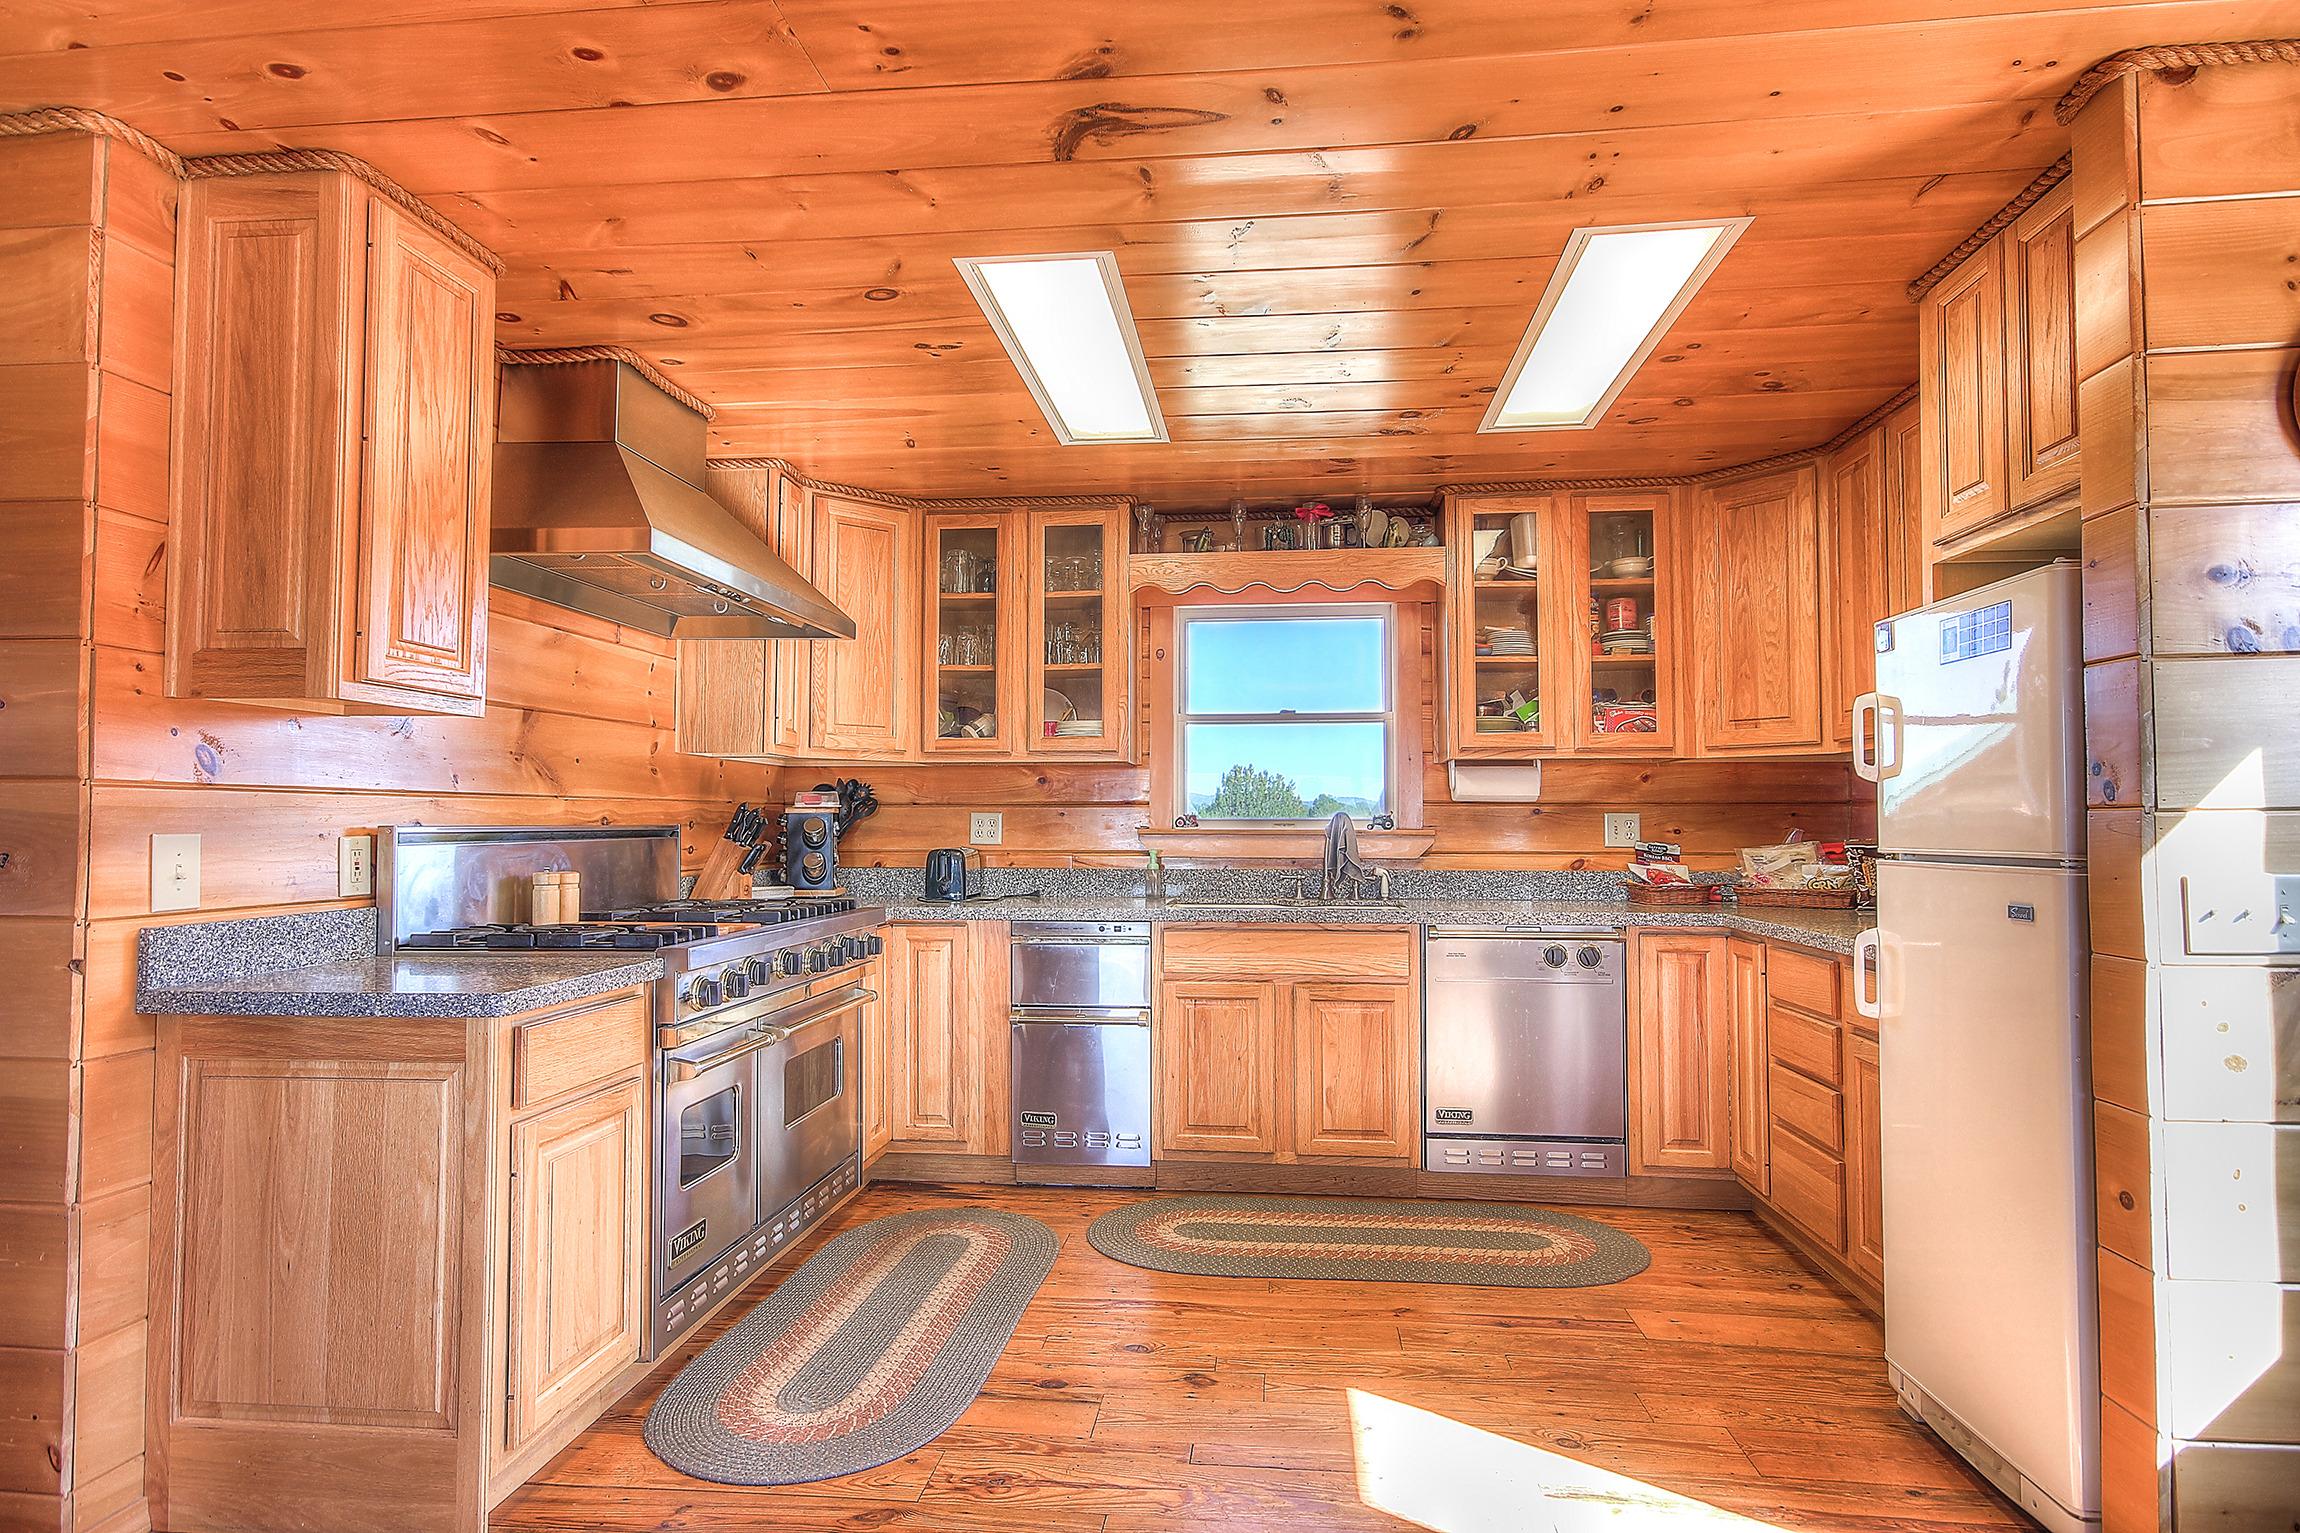 for sale 2 bedroom off grid log cabin on 55 acres w